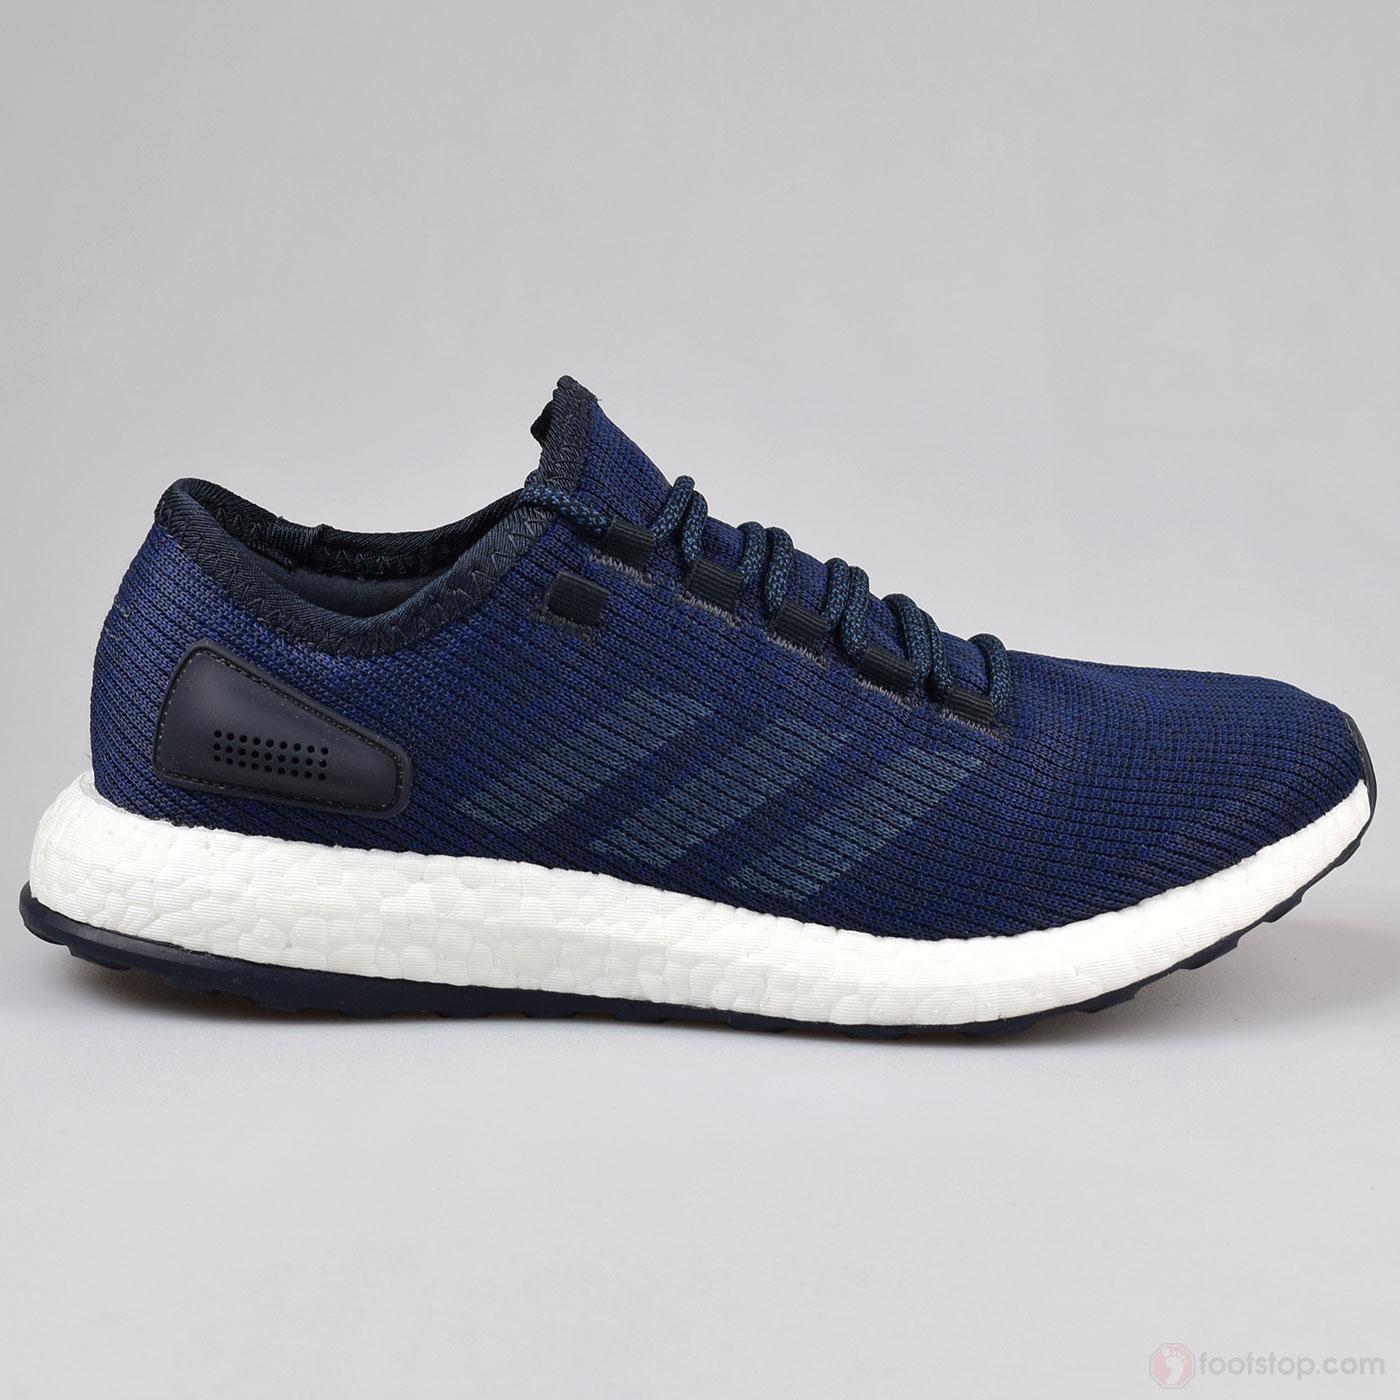 e8c8d3e026b27 adidas pureboost (BA8898) - footstop